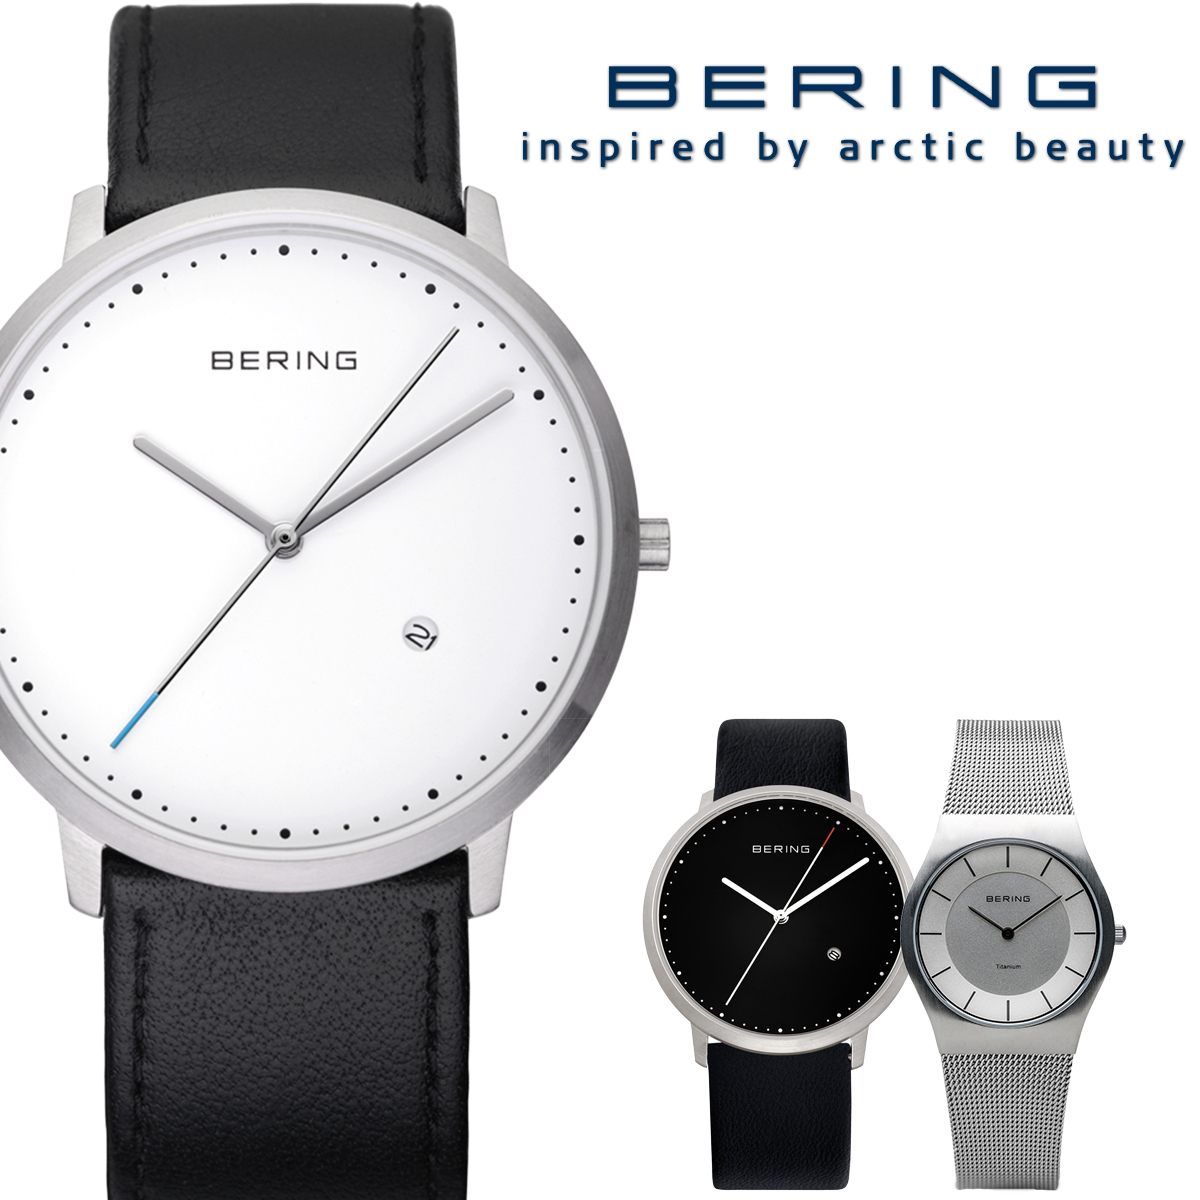 【全品送料無料】 BERING ベーリング 3COLORS メンズ レディース ユニセックス スリム 時計 腕時計 プレゼント 贈り物 ギフト おしゃれ 北欧 [あす楽]